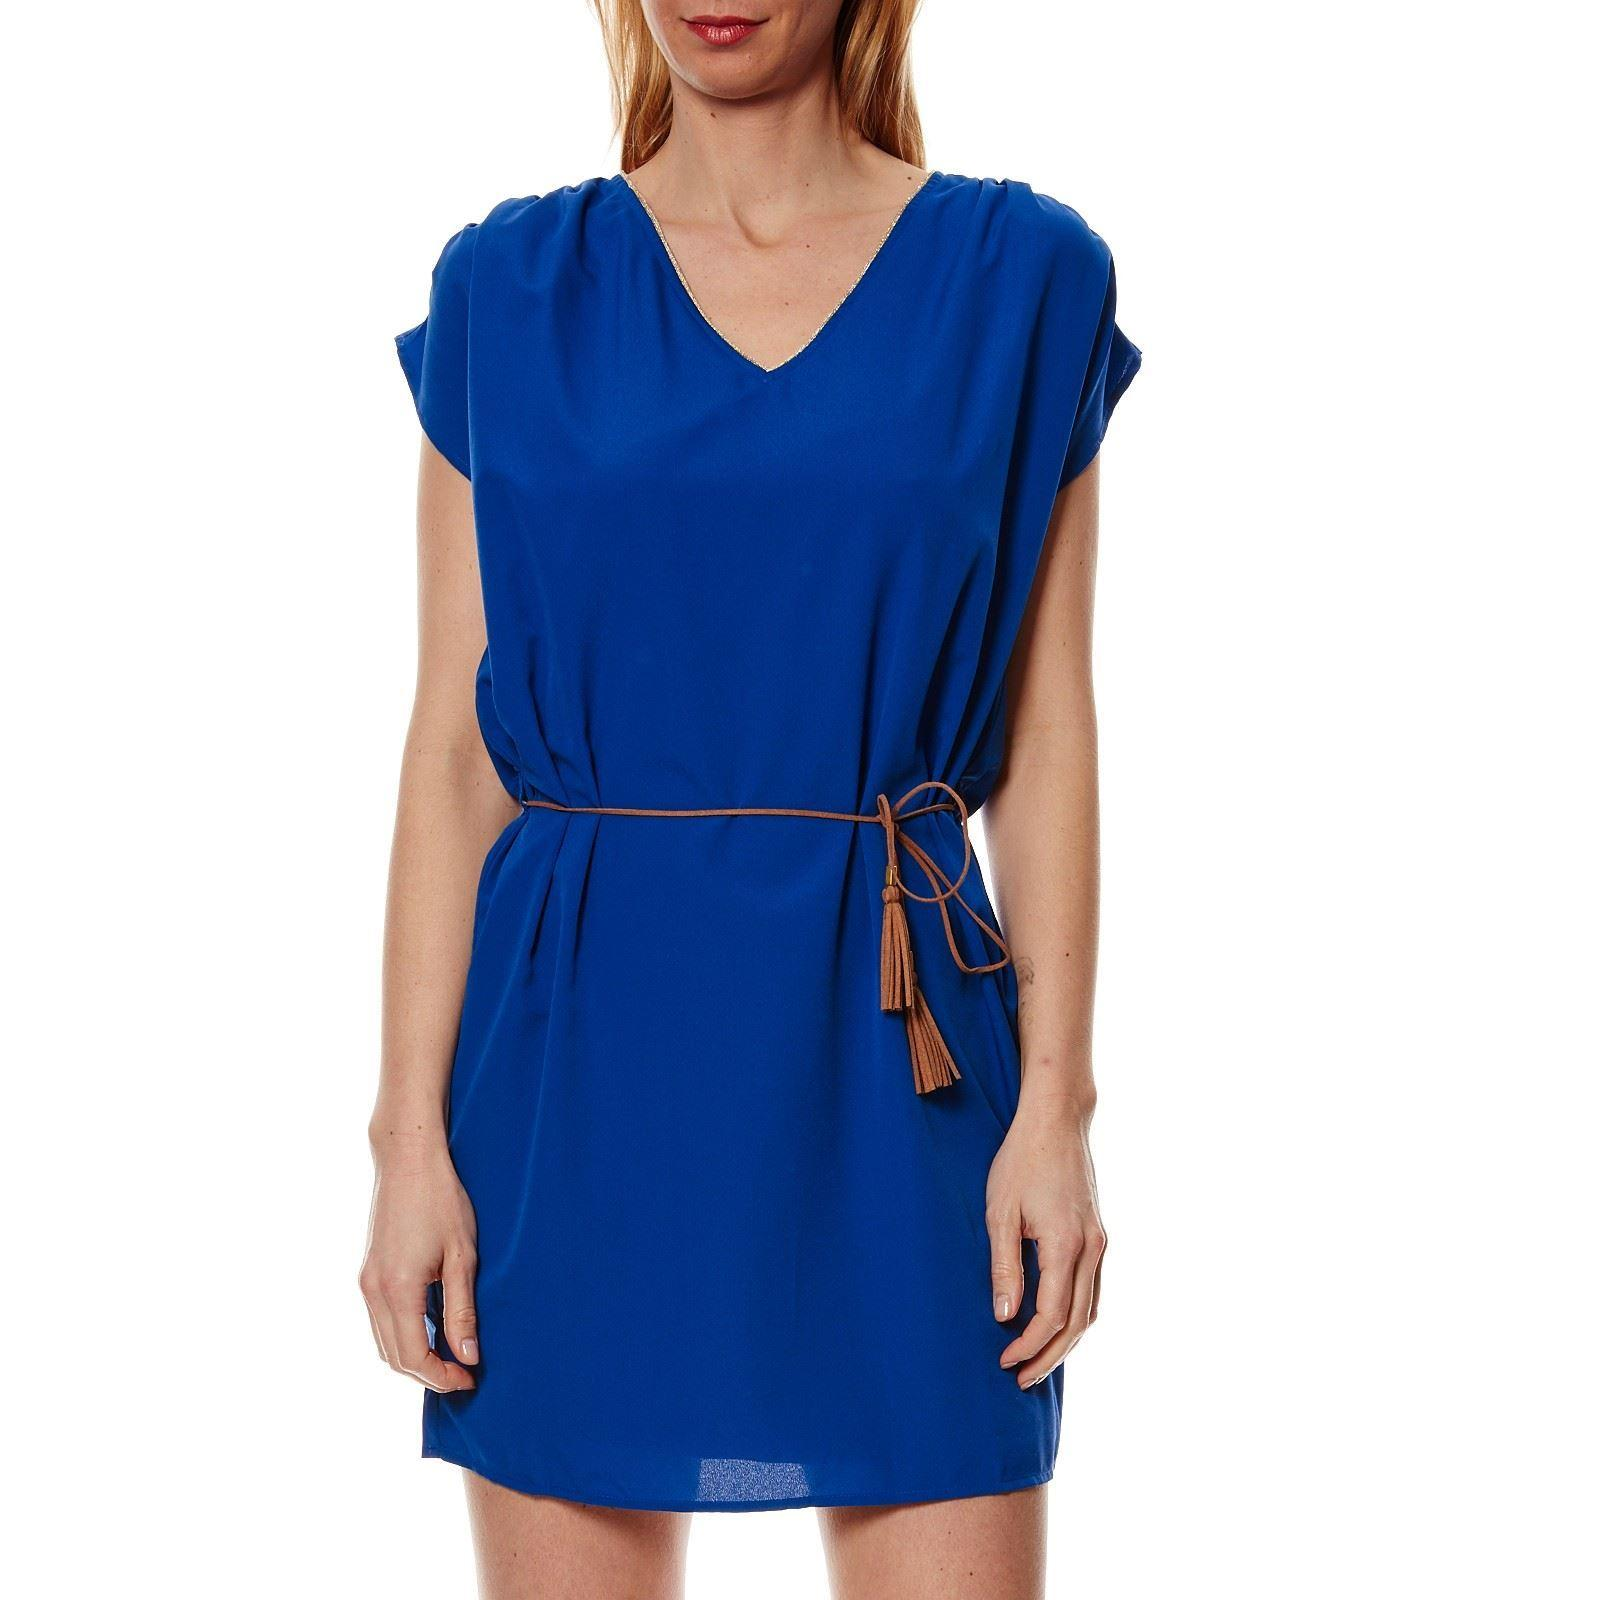 Robe vero moda bleu